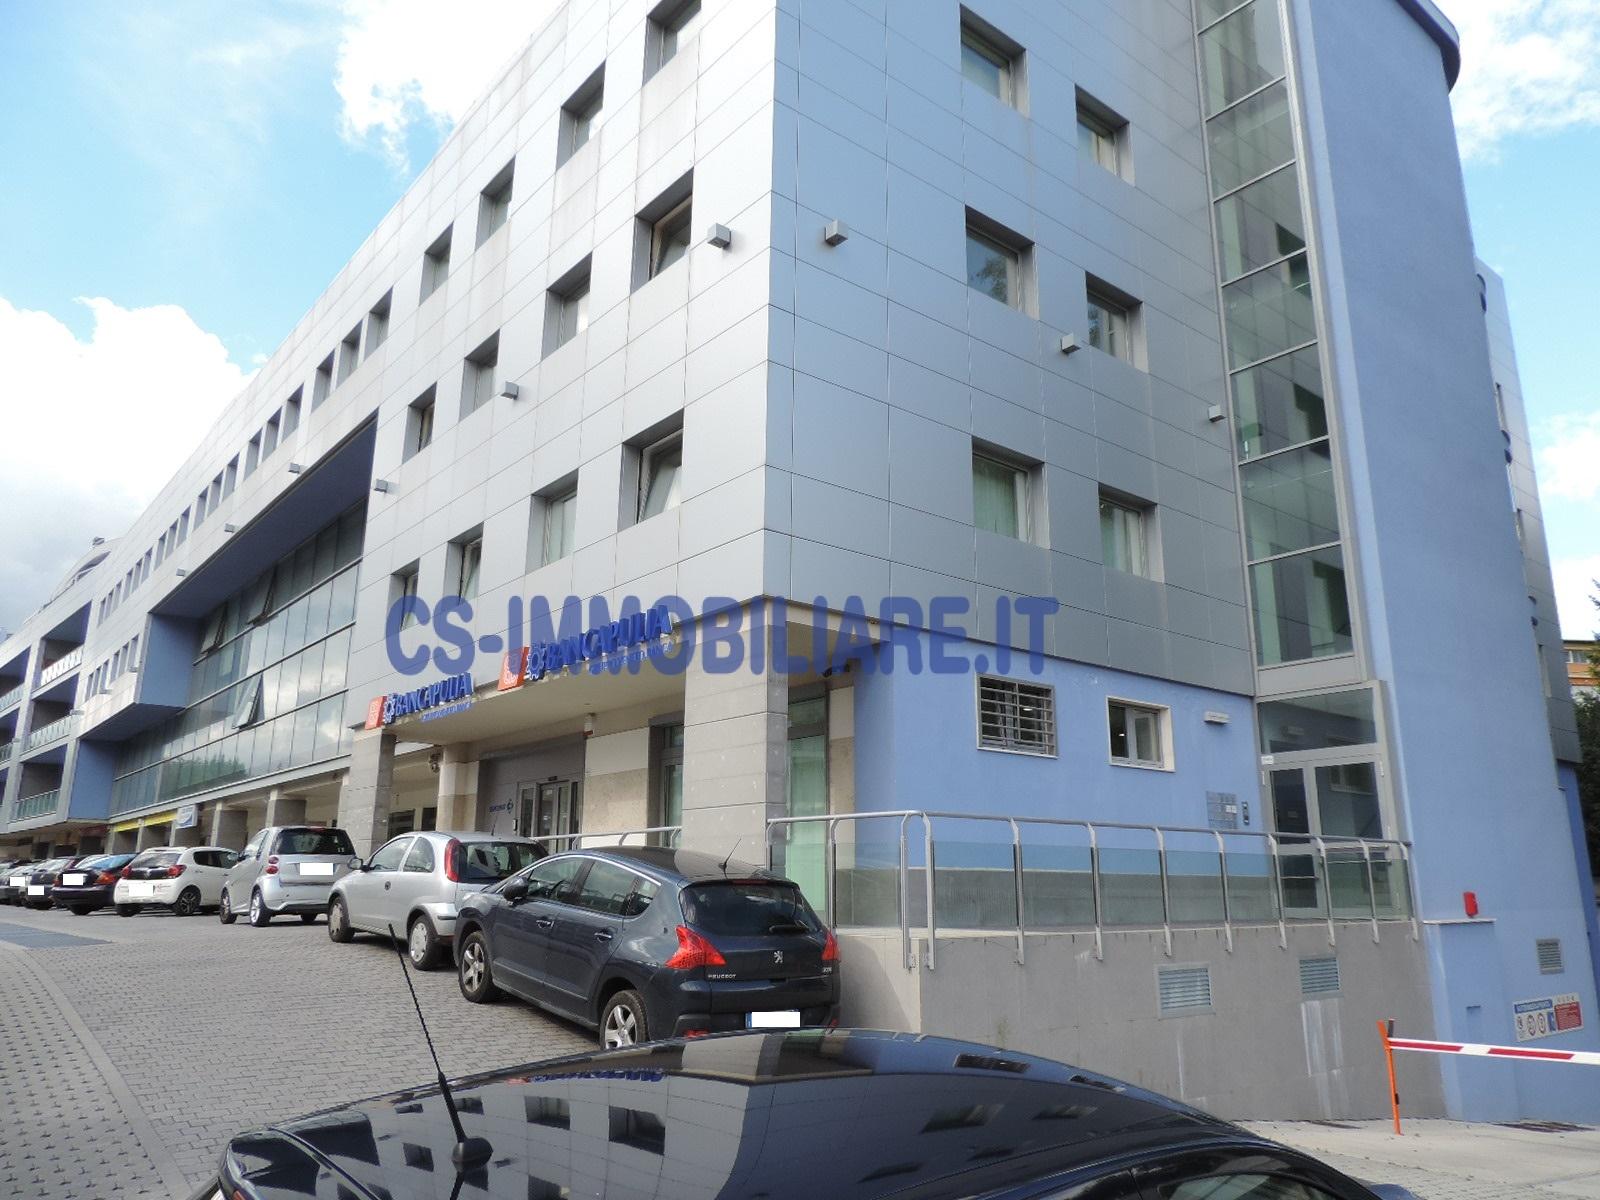 Ufficio diviso in ambienti/locali in affitto - 58 mq